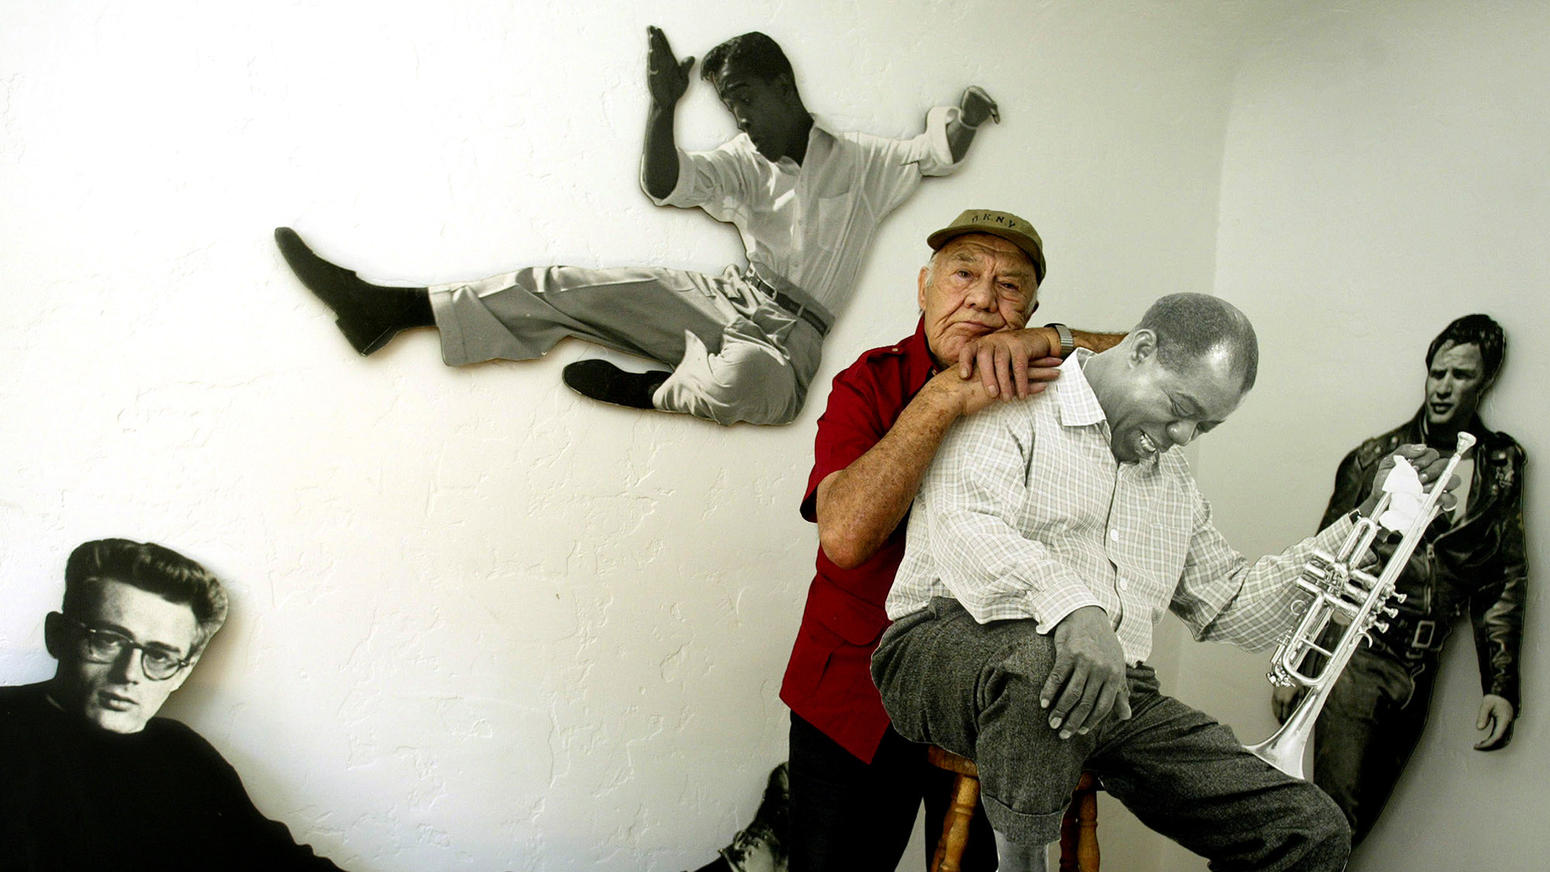 Умер легендарный голливудский фотограф Фил Стерн. Вспоминаем работы мастера